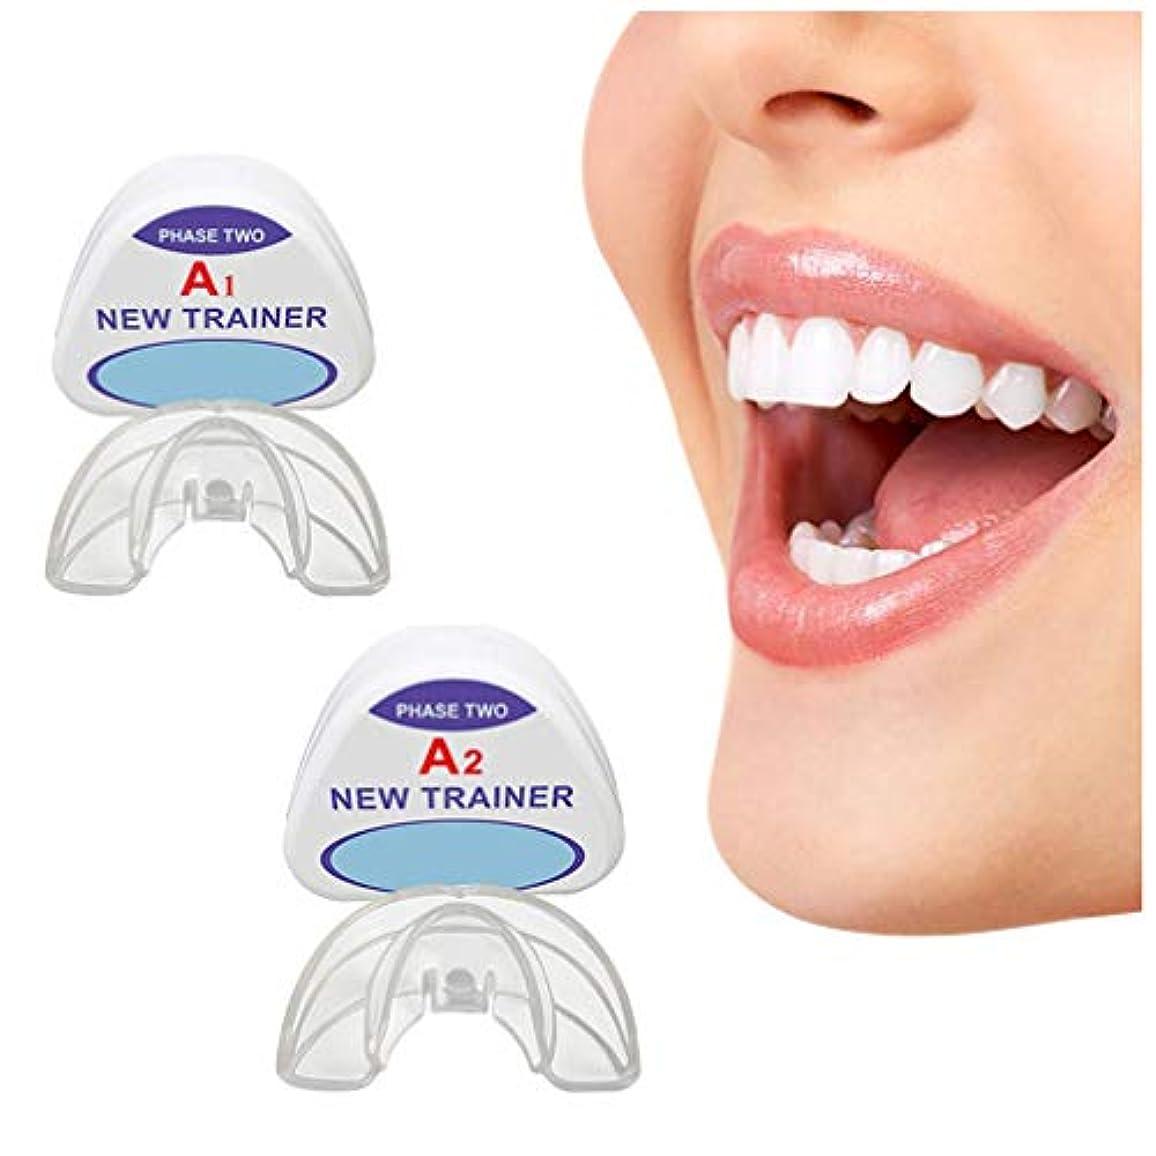 前進ブート簿記係歯アライメントトレーナーリテーナー、歯科矯正トレーナー、ナイトマウスガードスリムグラインドプロテクター、大人のためのトレーナー歯アライメントブレース,A1+A2